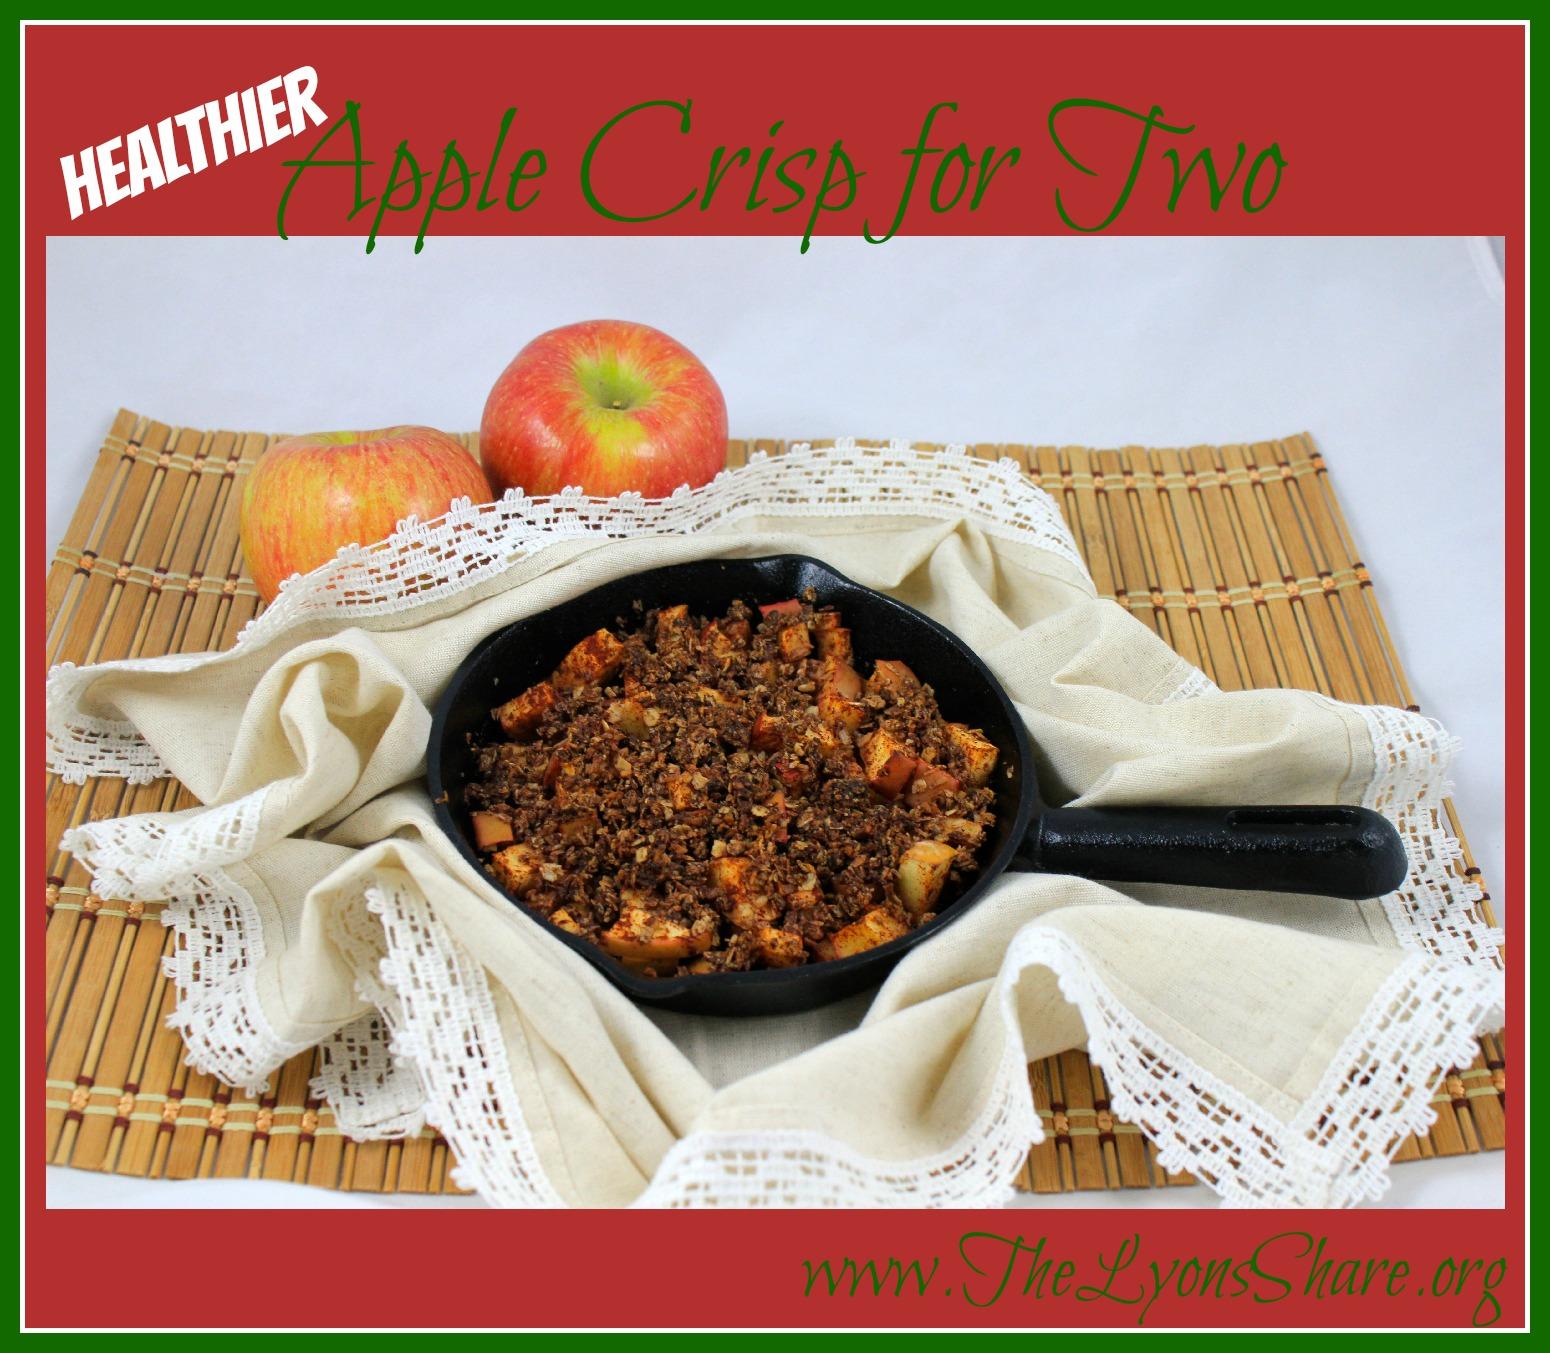 Healthier Apple Crisp for Two!